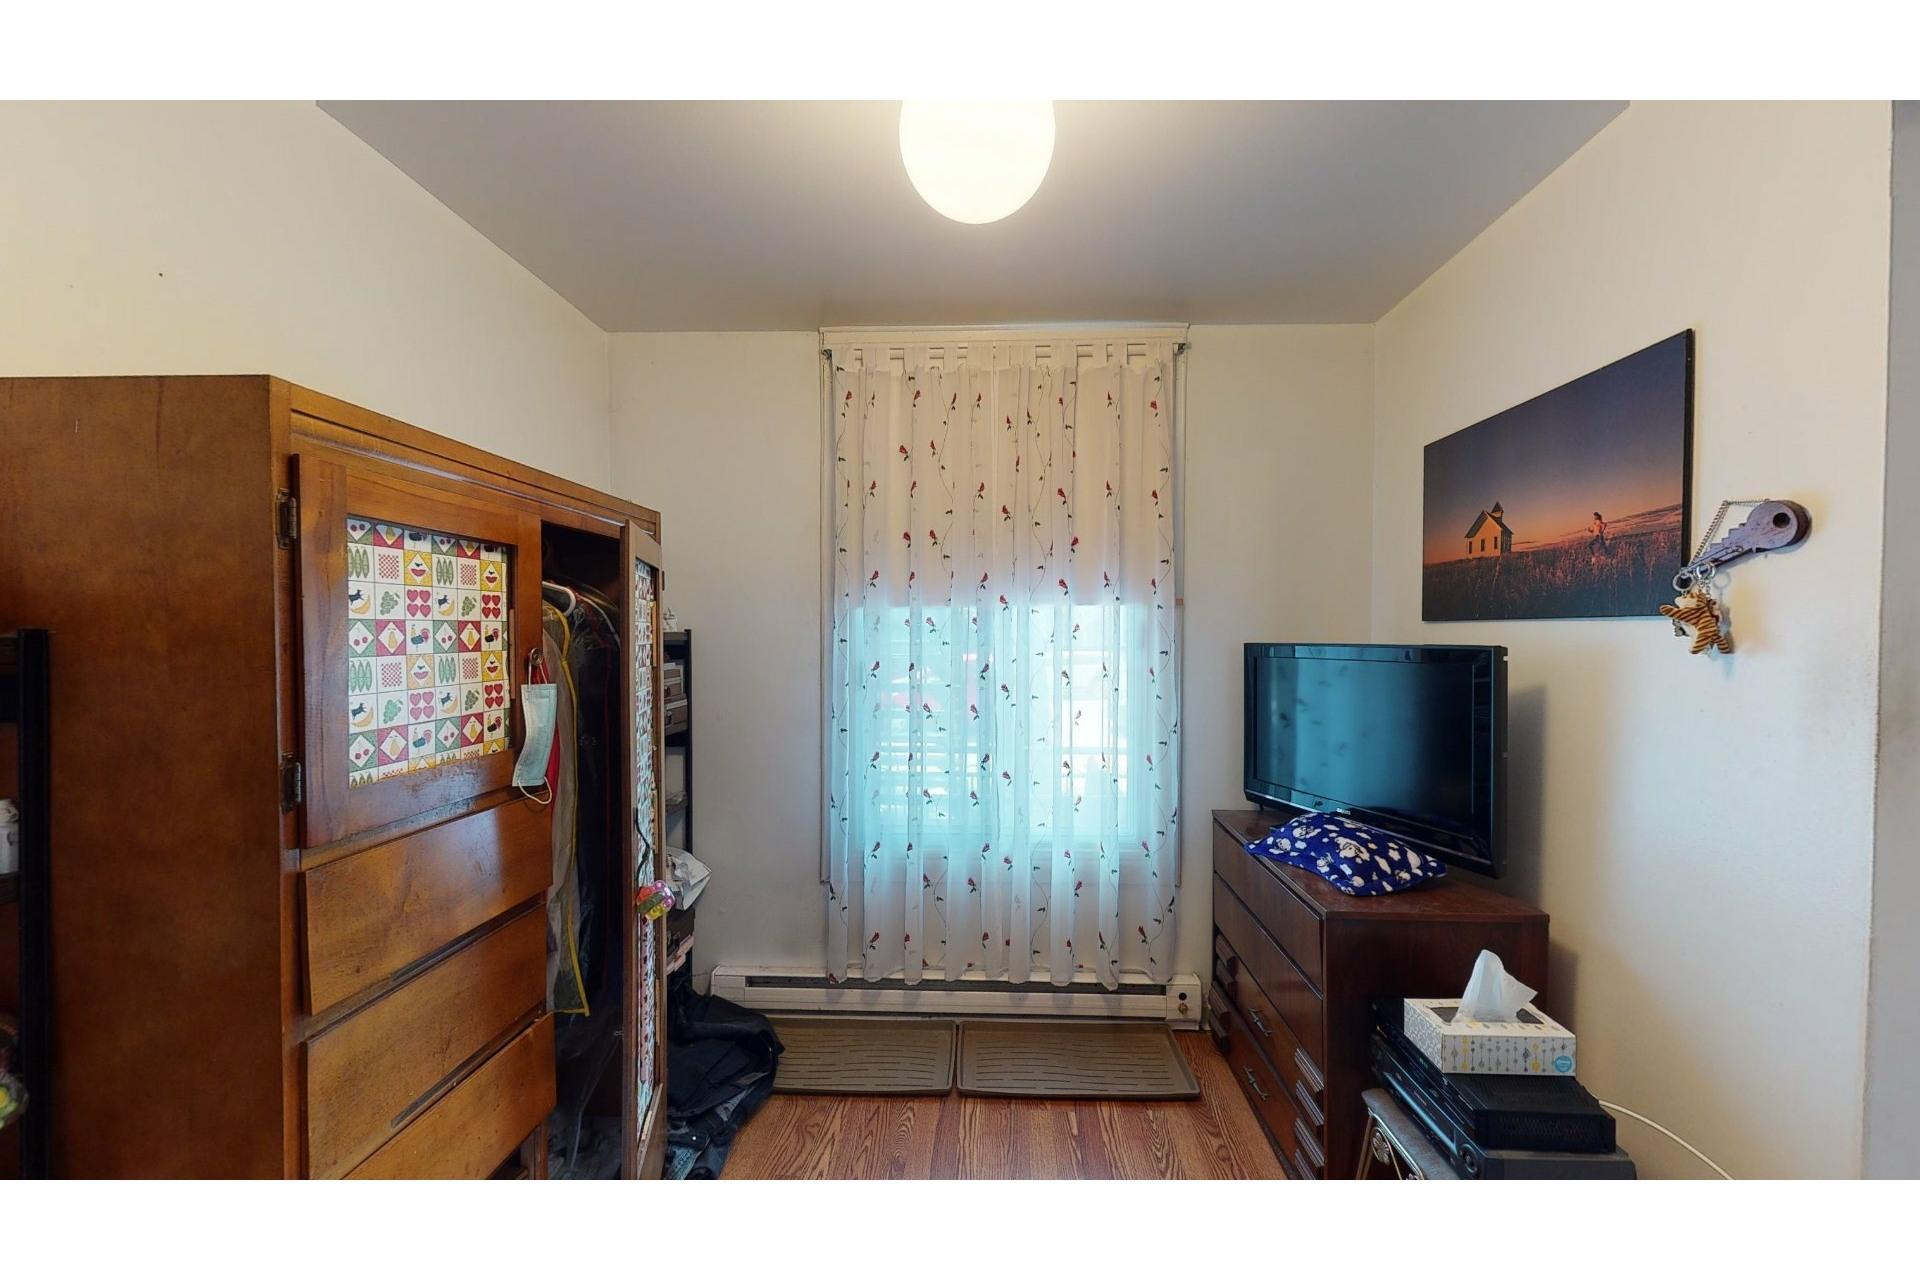 image 8 - Duplex À vendre Rosemont/La Petite-Patrie Montréal  - 4 pièces